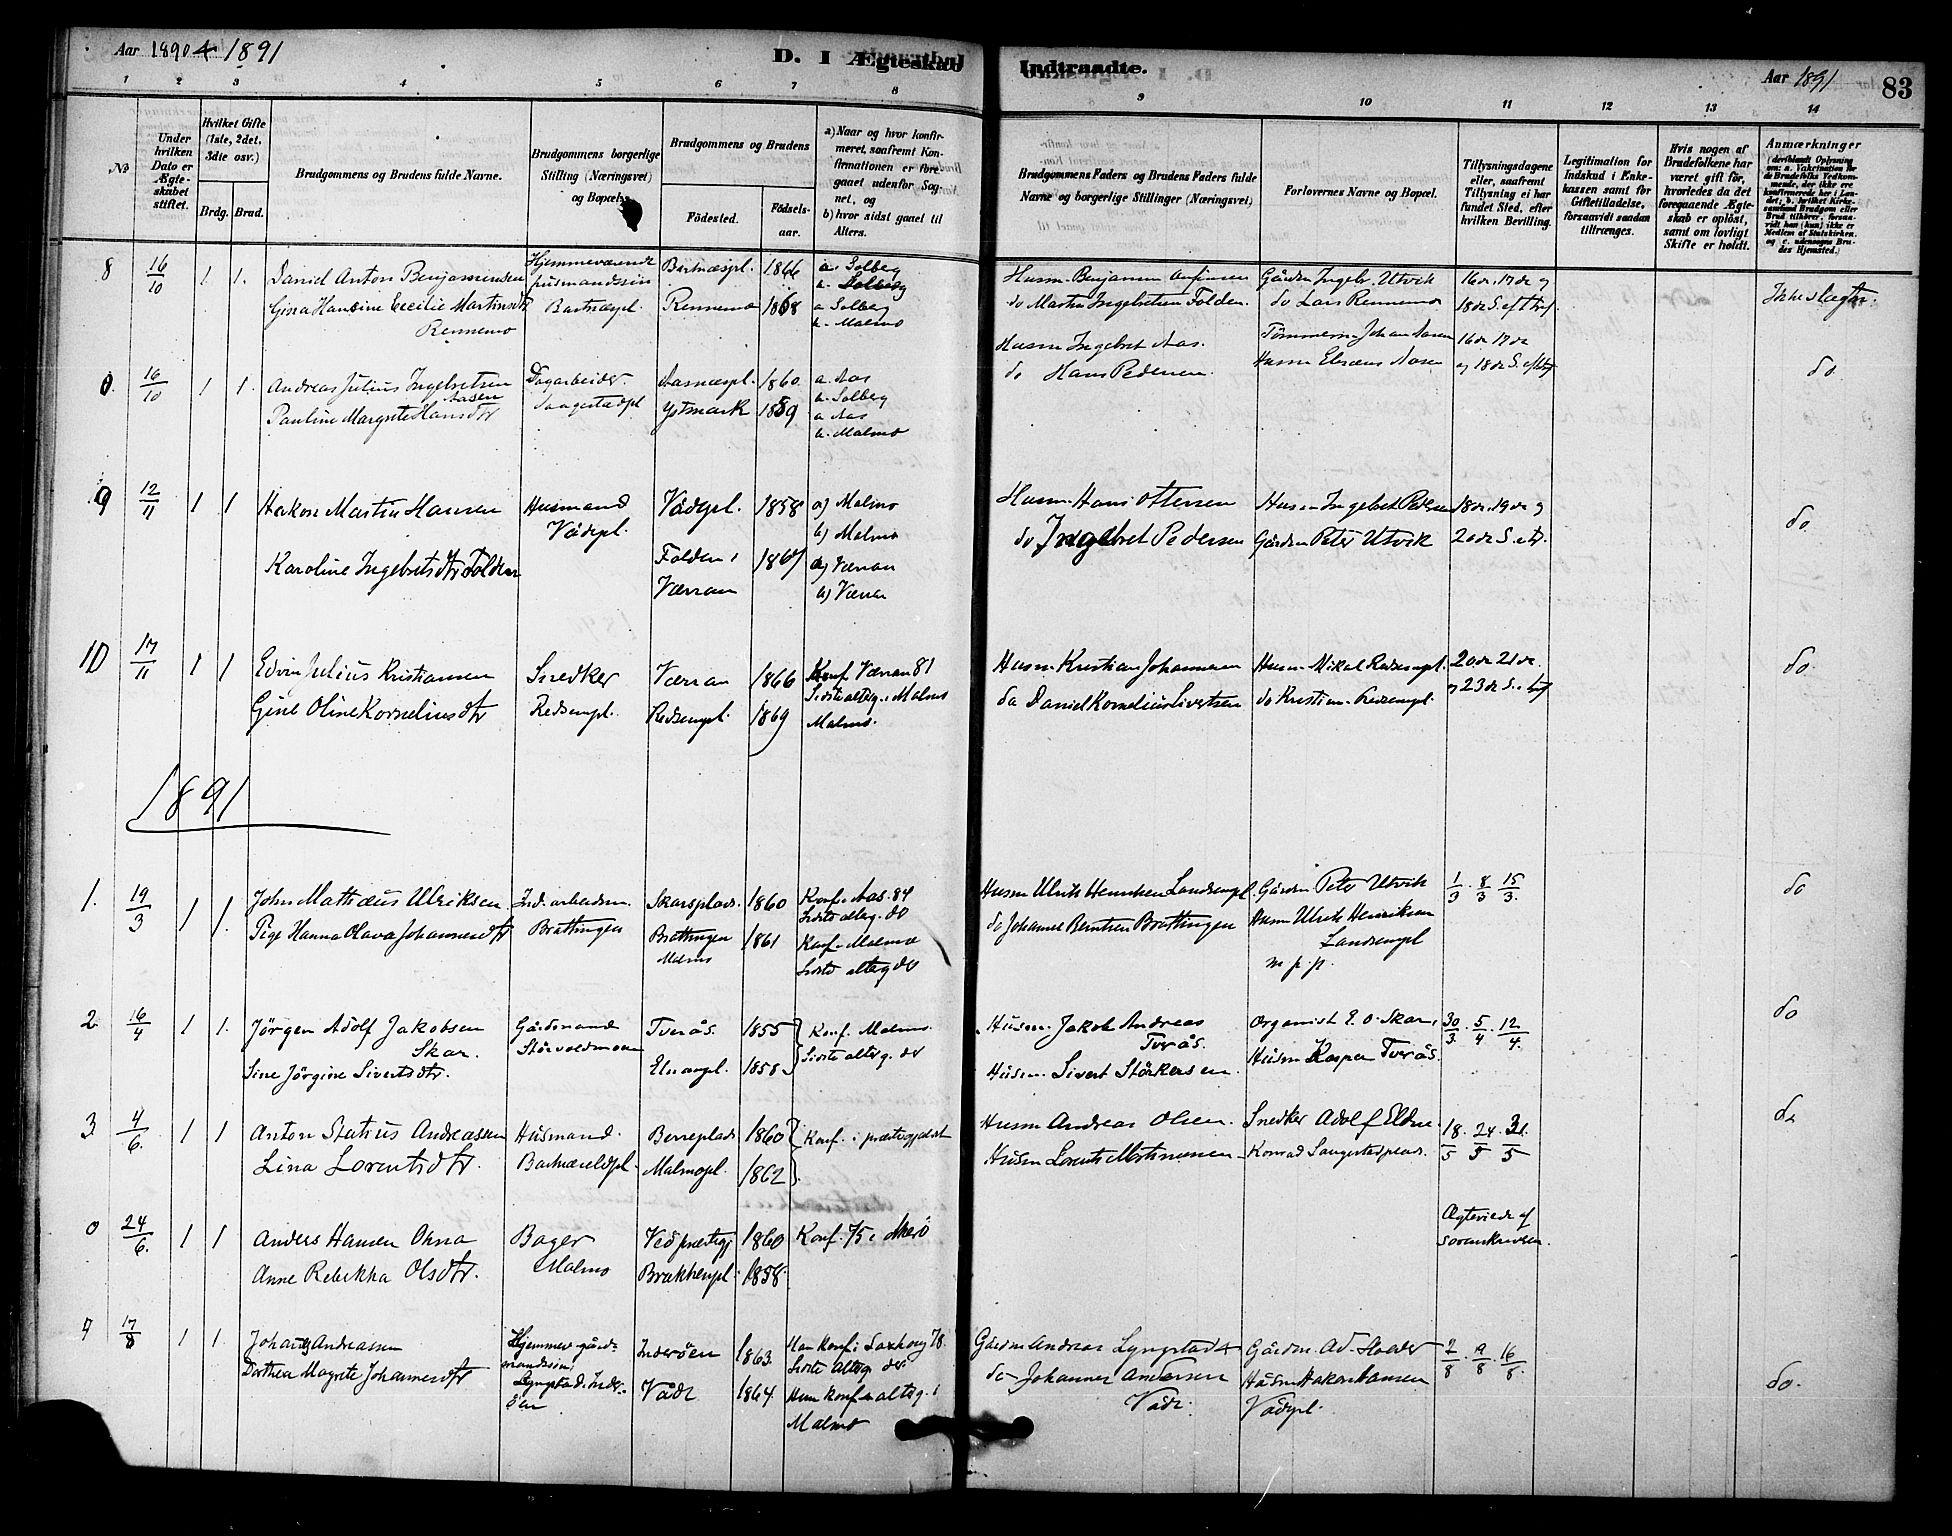 SAT, Ministerialprotokoller, klokkerbøker og fødselsregistre - Nord-Trøndelag, 745/L0429: Ministerialbok nr. 745A01, 1878-1894, s. 83